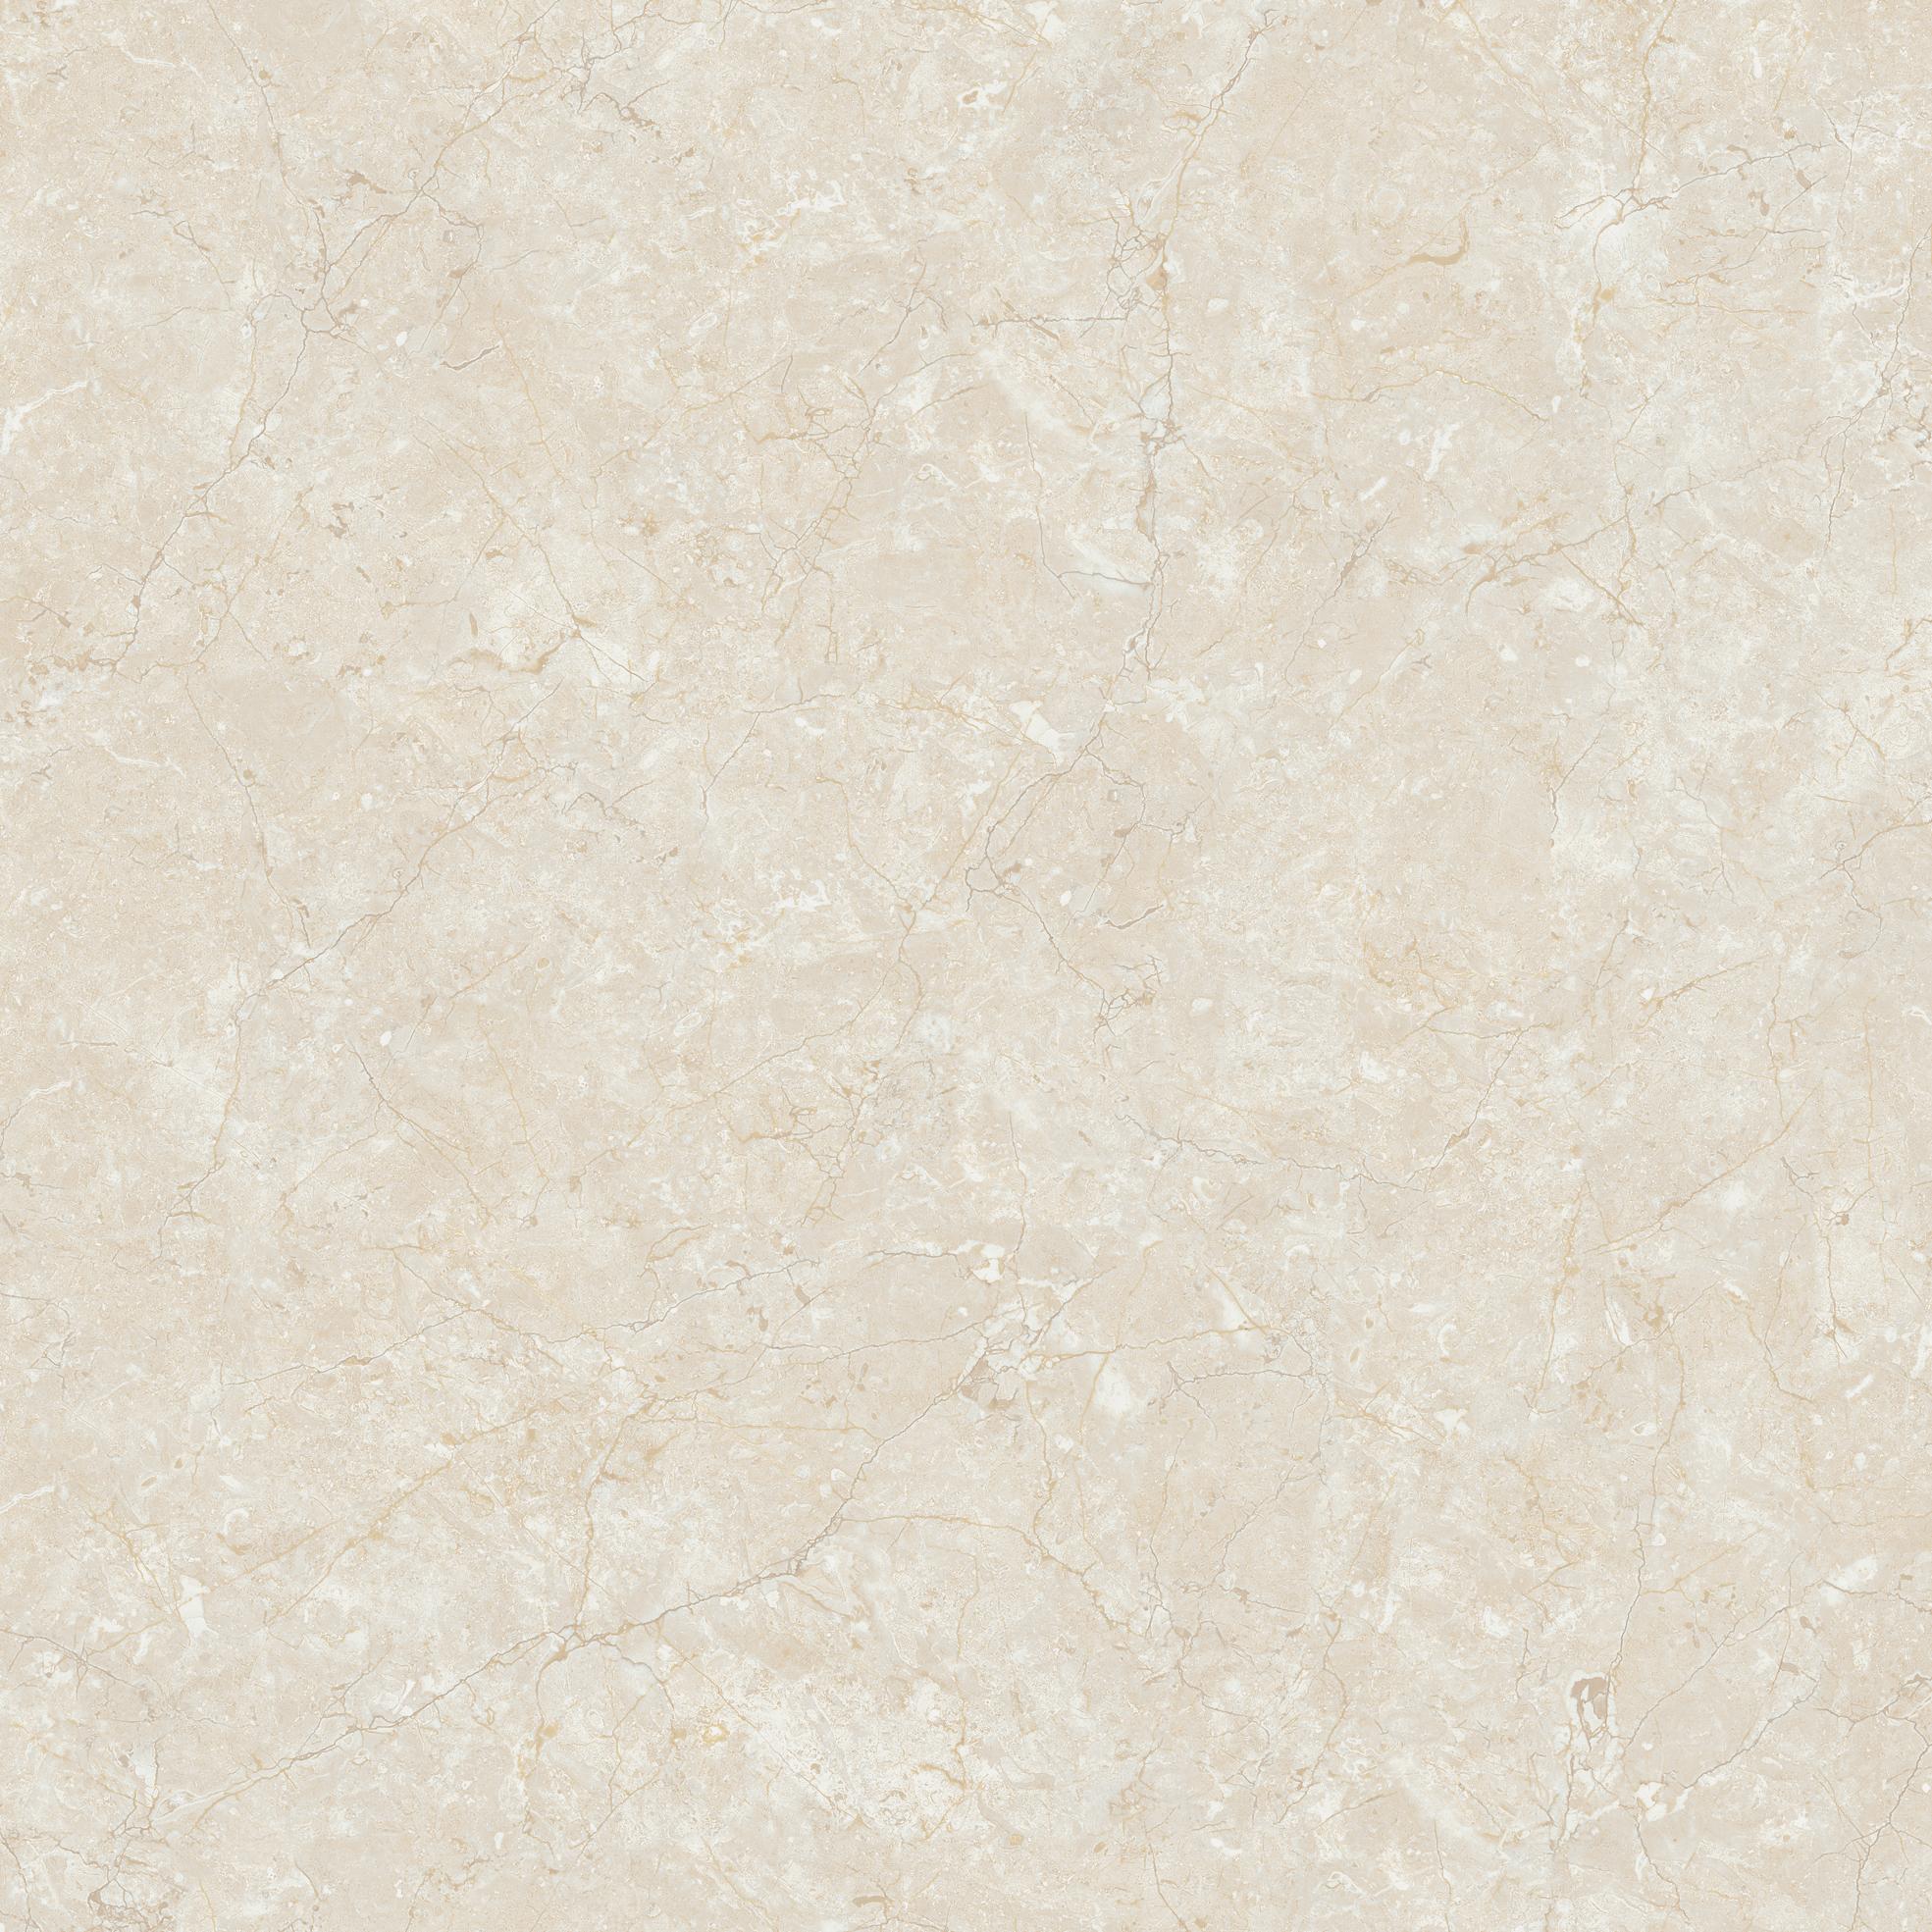 東鵬原石-土耳其米黃